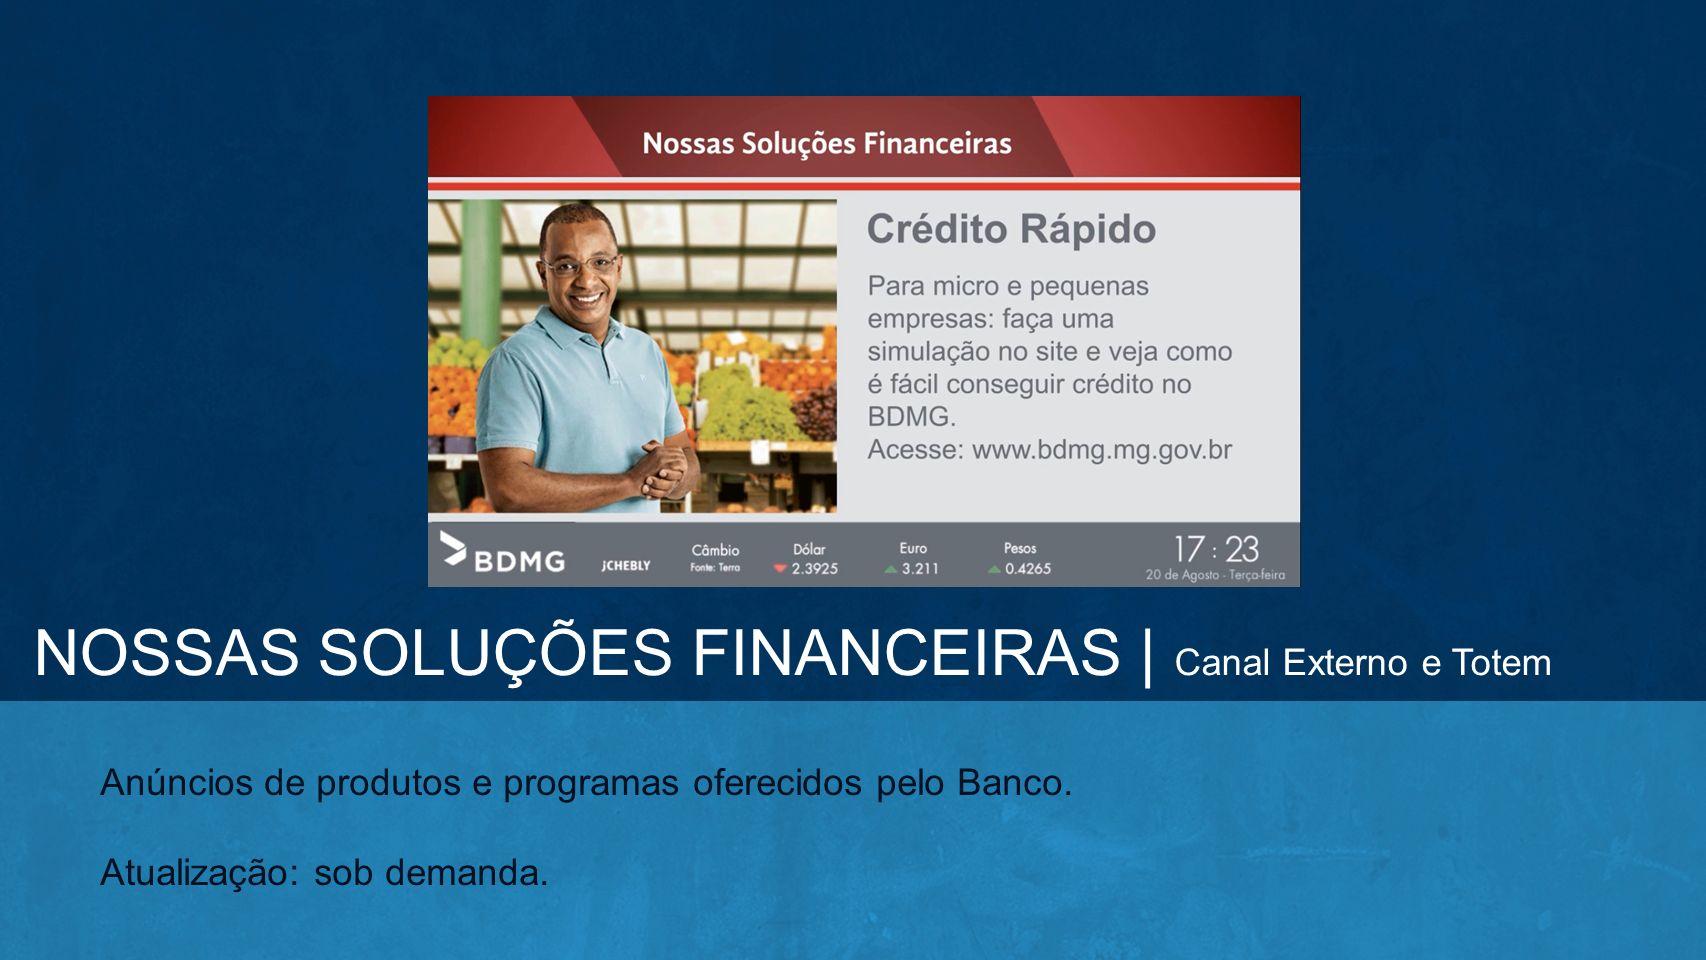 NOSSAS SOLUÇÕES FINANCEIRAS | Canal Externo e Totem